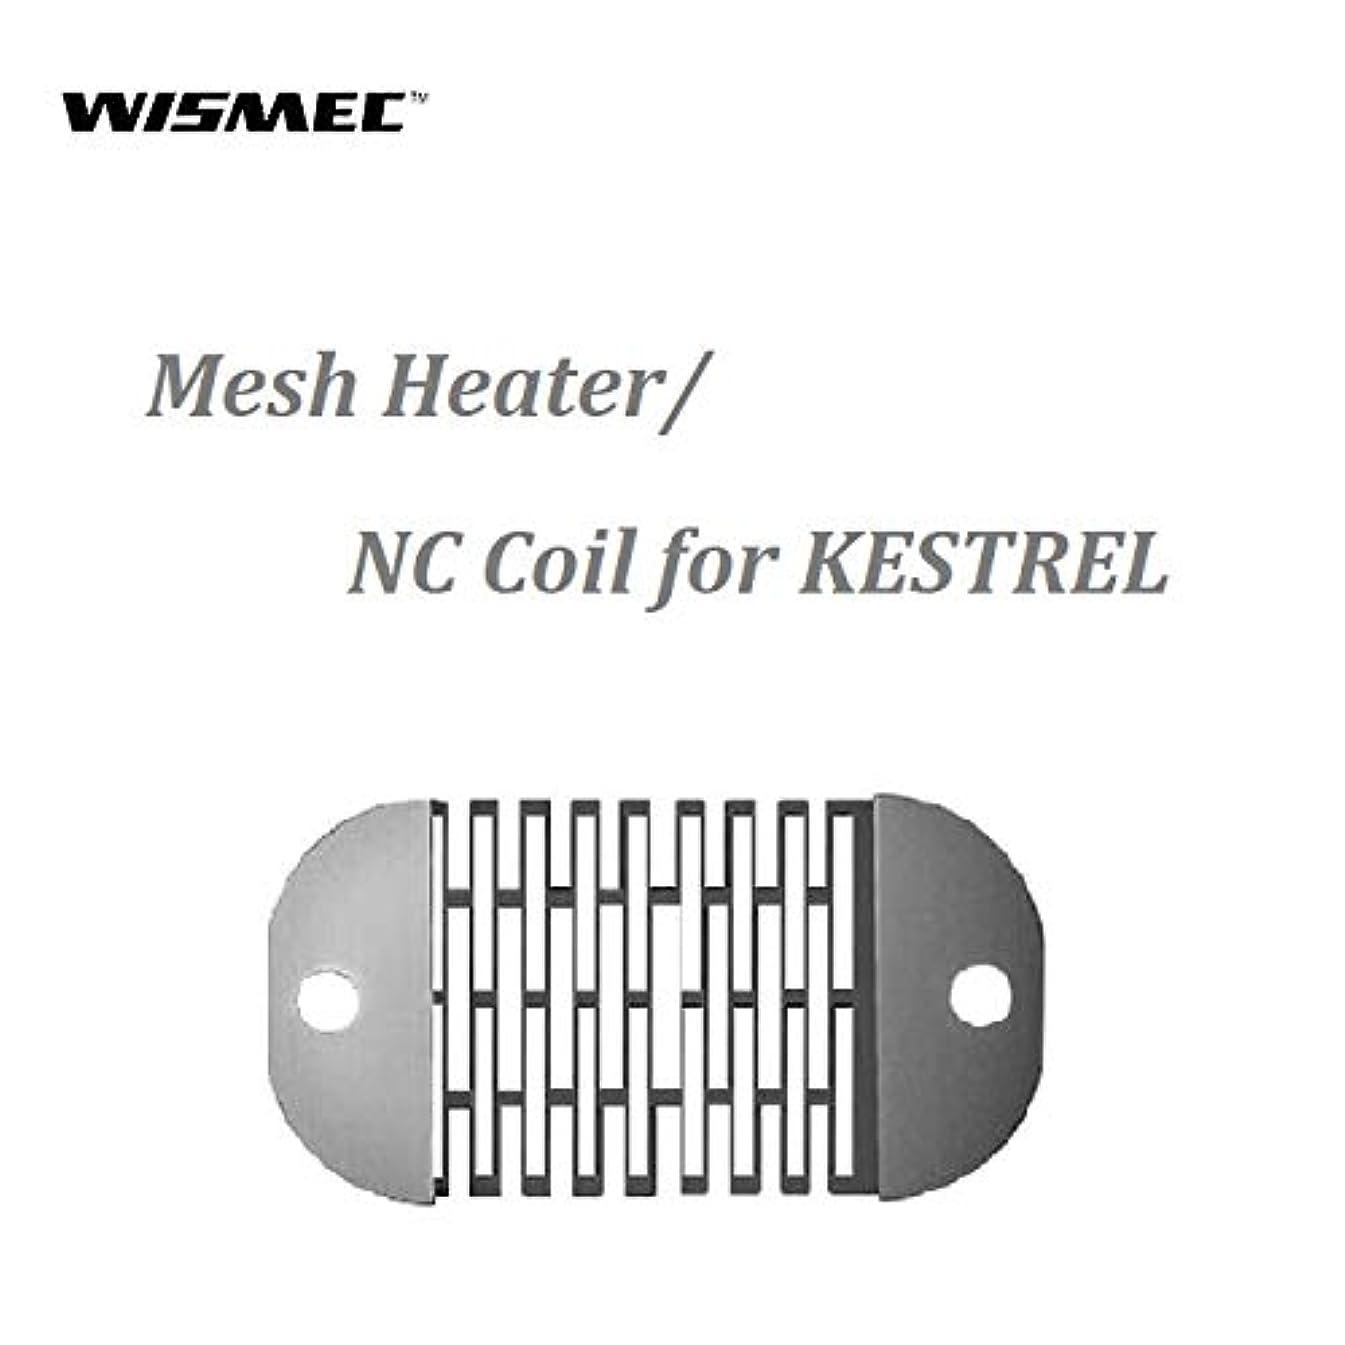 無人現実的タバコWISMEC Mesh Heater/NC Coil for KESTREL 5pcs pack ウィズメックメッシュヒーター/ケストゥラル用NCコイル5個セット LUXOTIC SURFACE+KESTRAL用ラクソティック?サーフェイス...